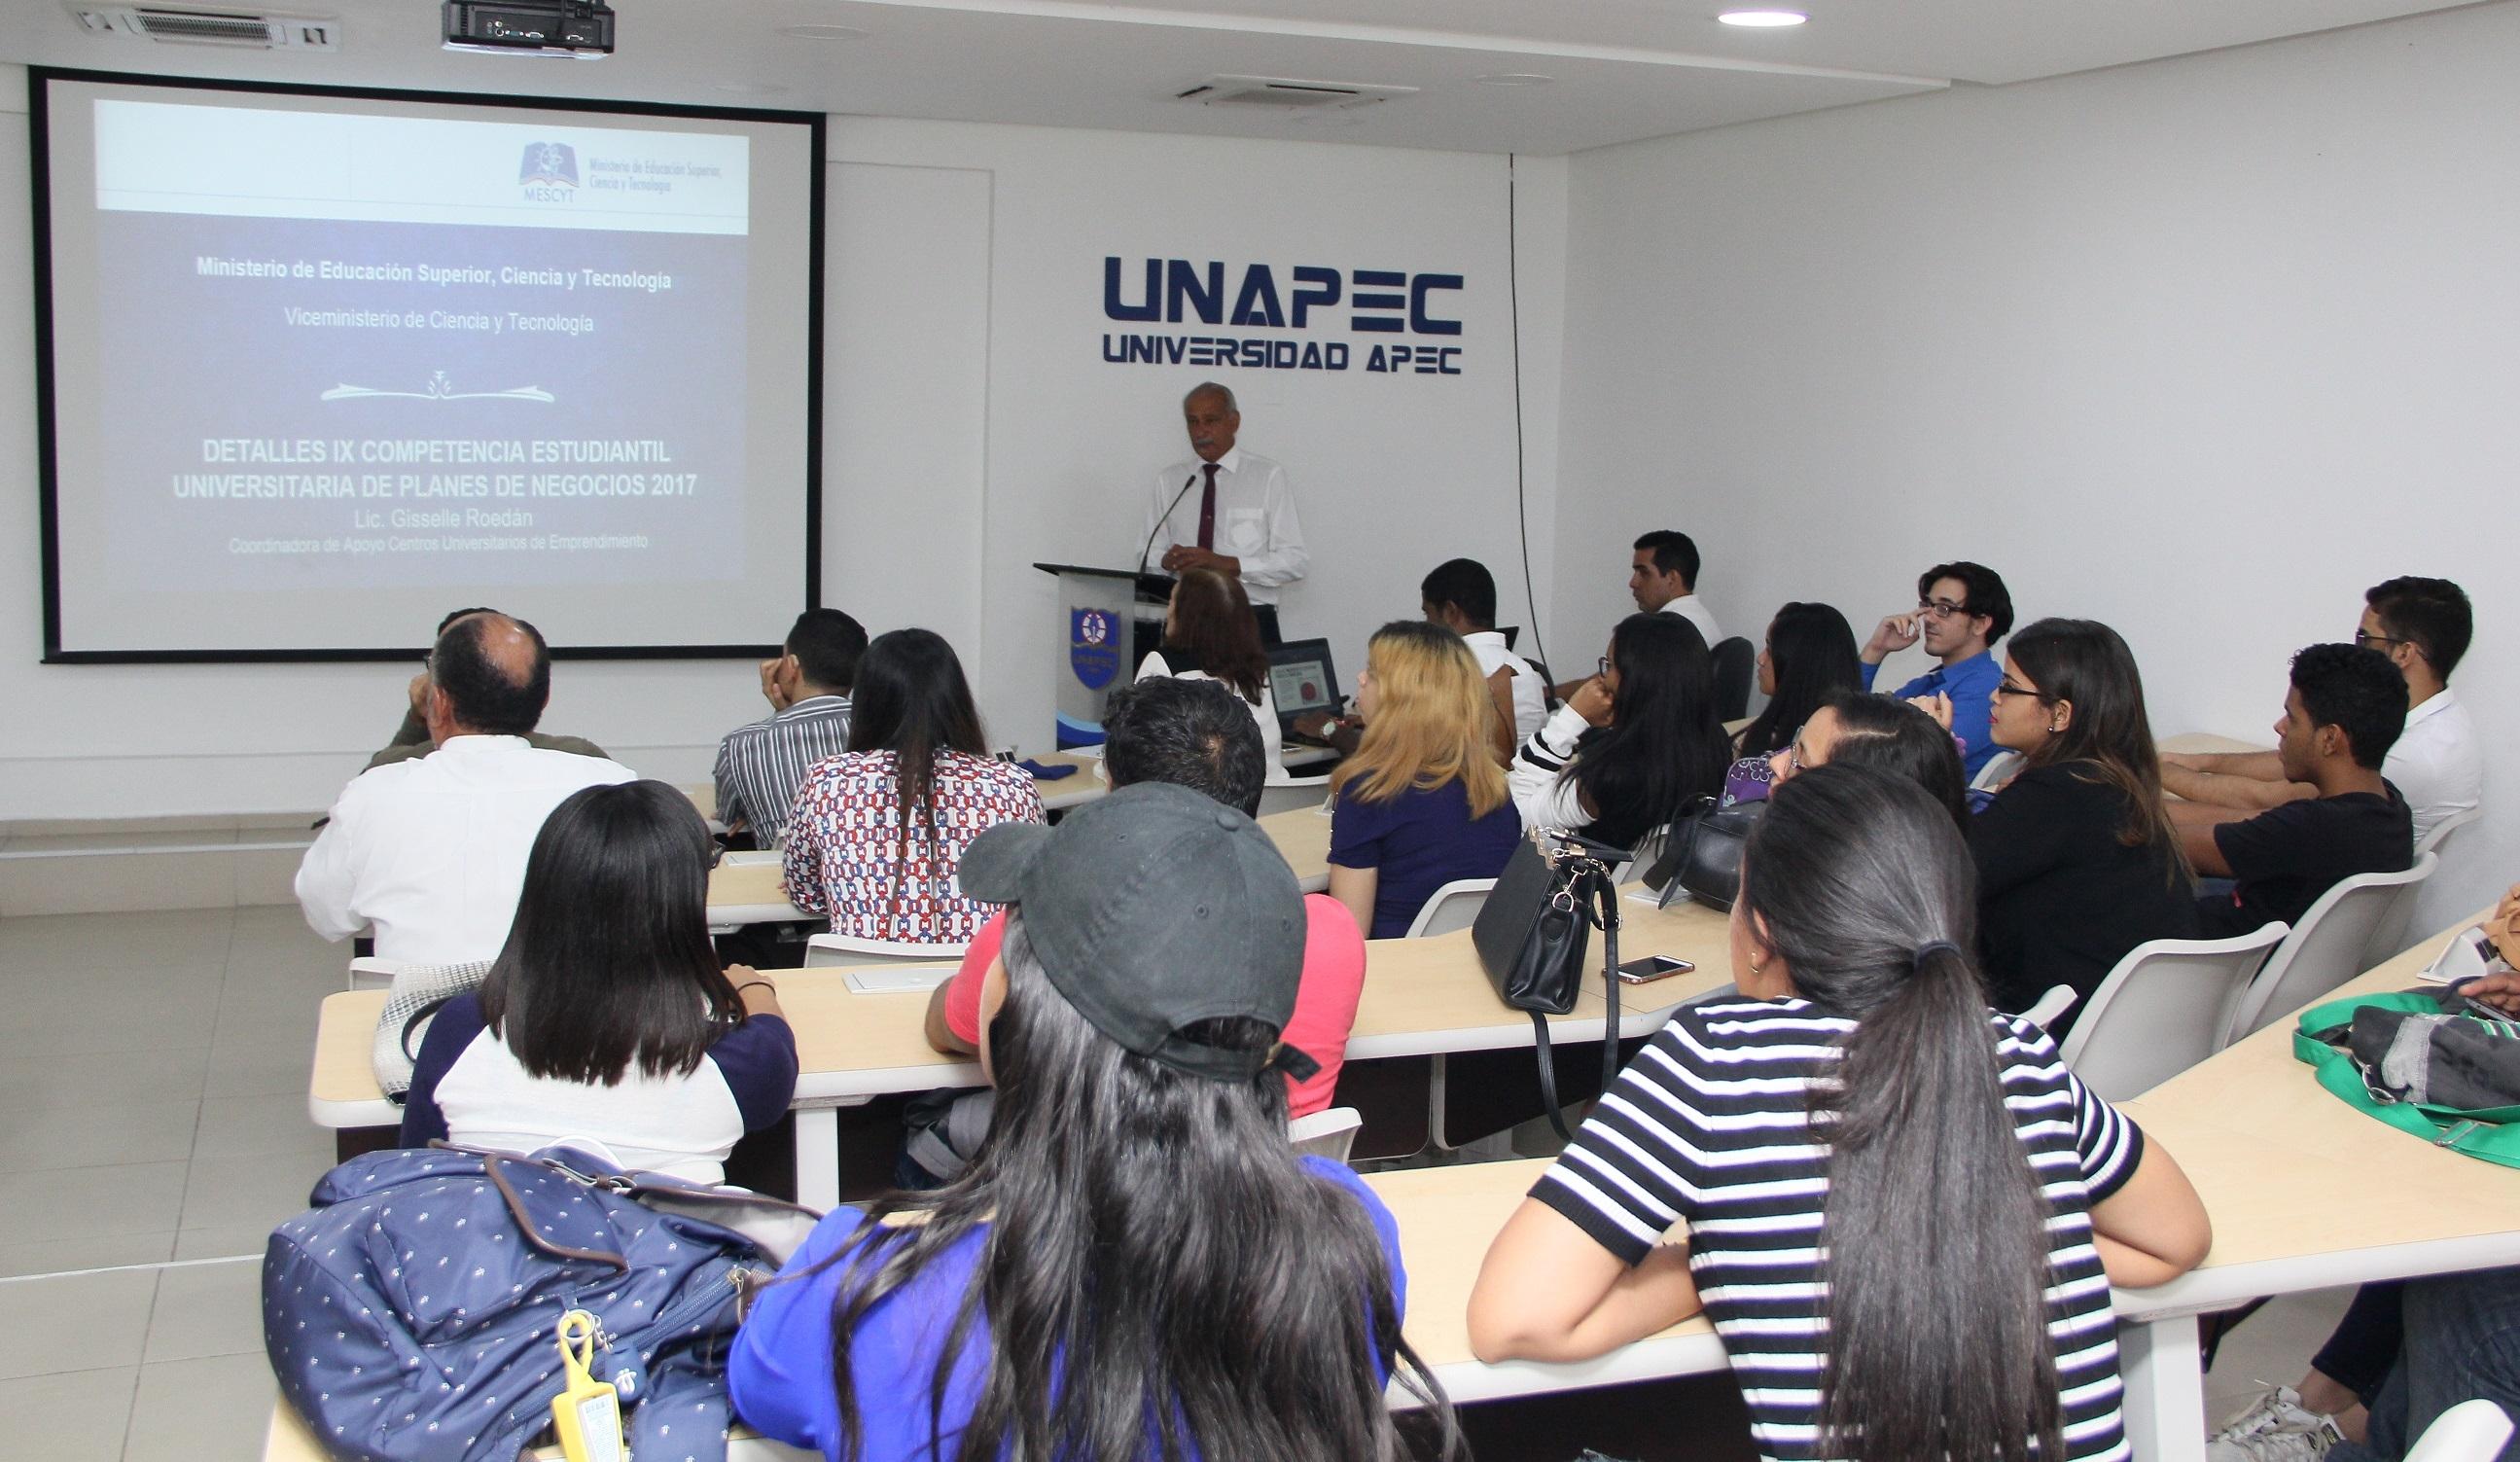 Charla informativa sobre la 9na Competencia Estudiantil Universitaria de Planes de Negocios 2017